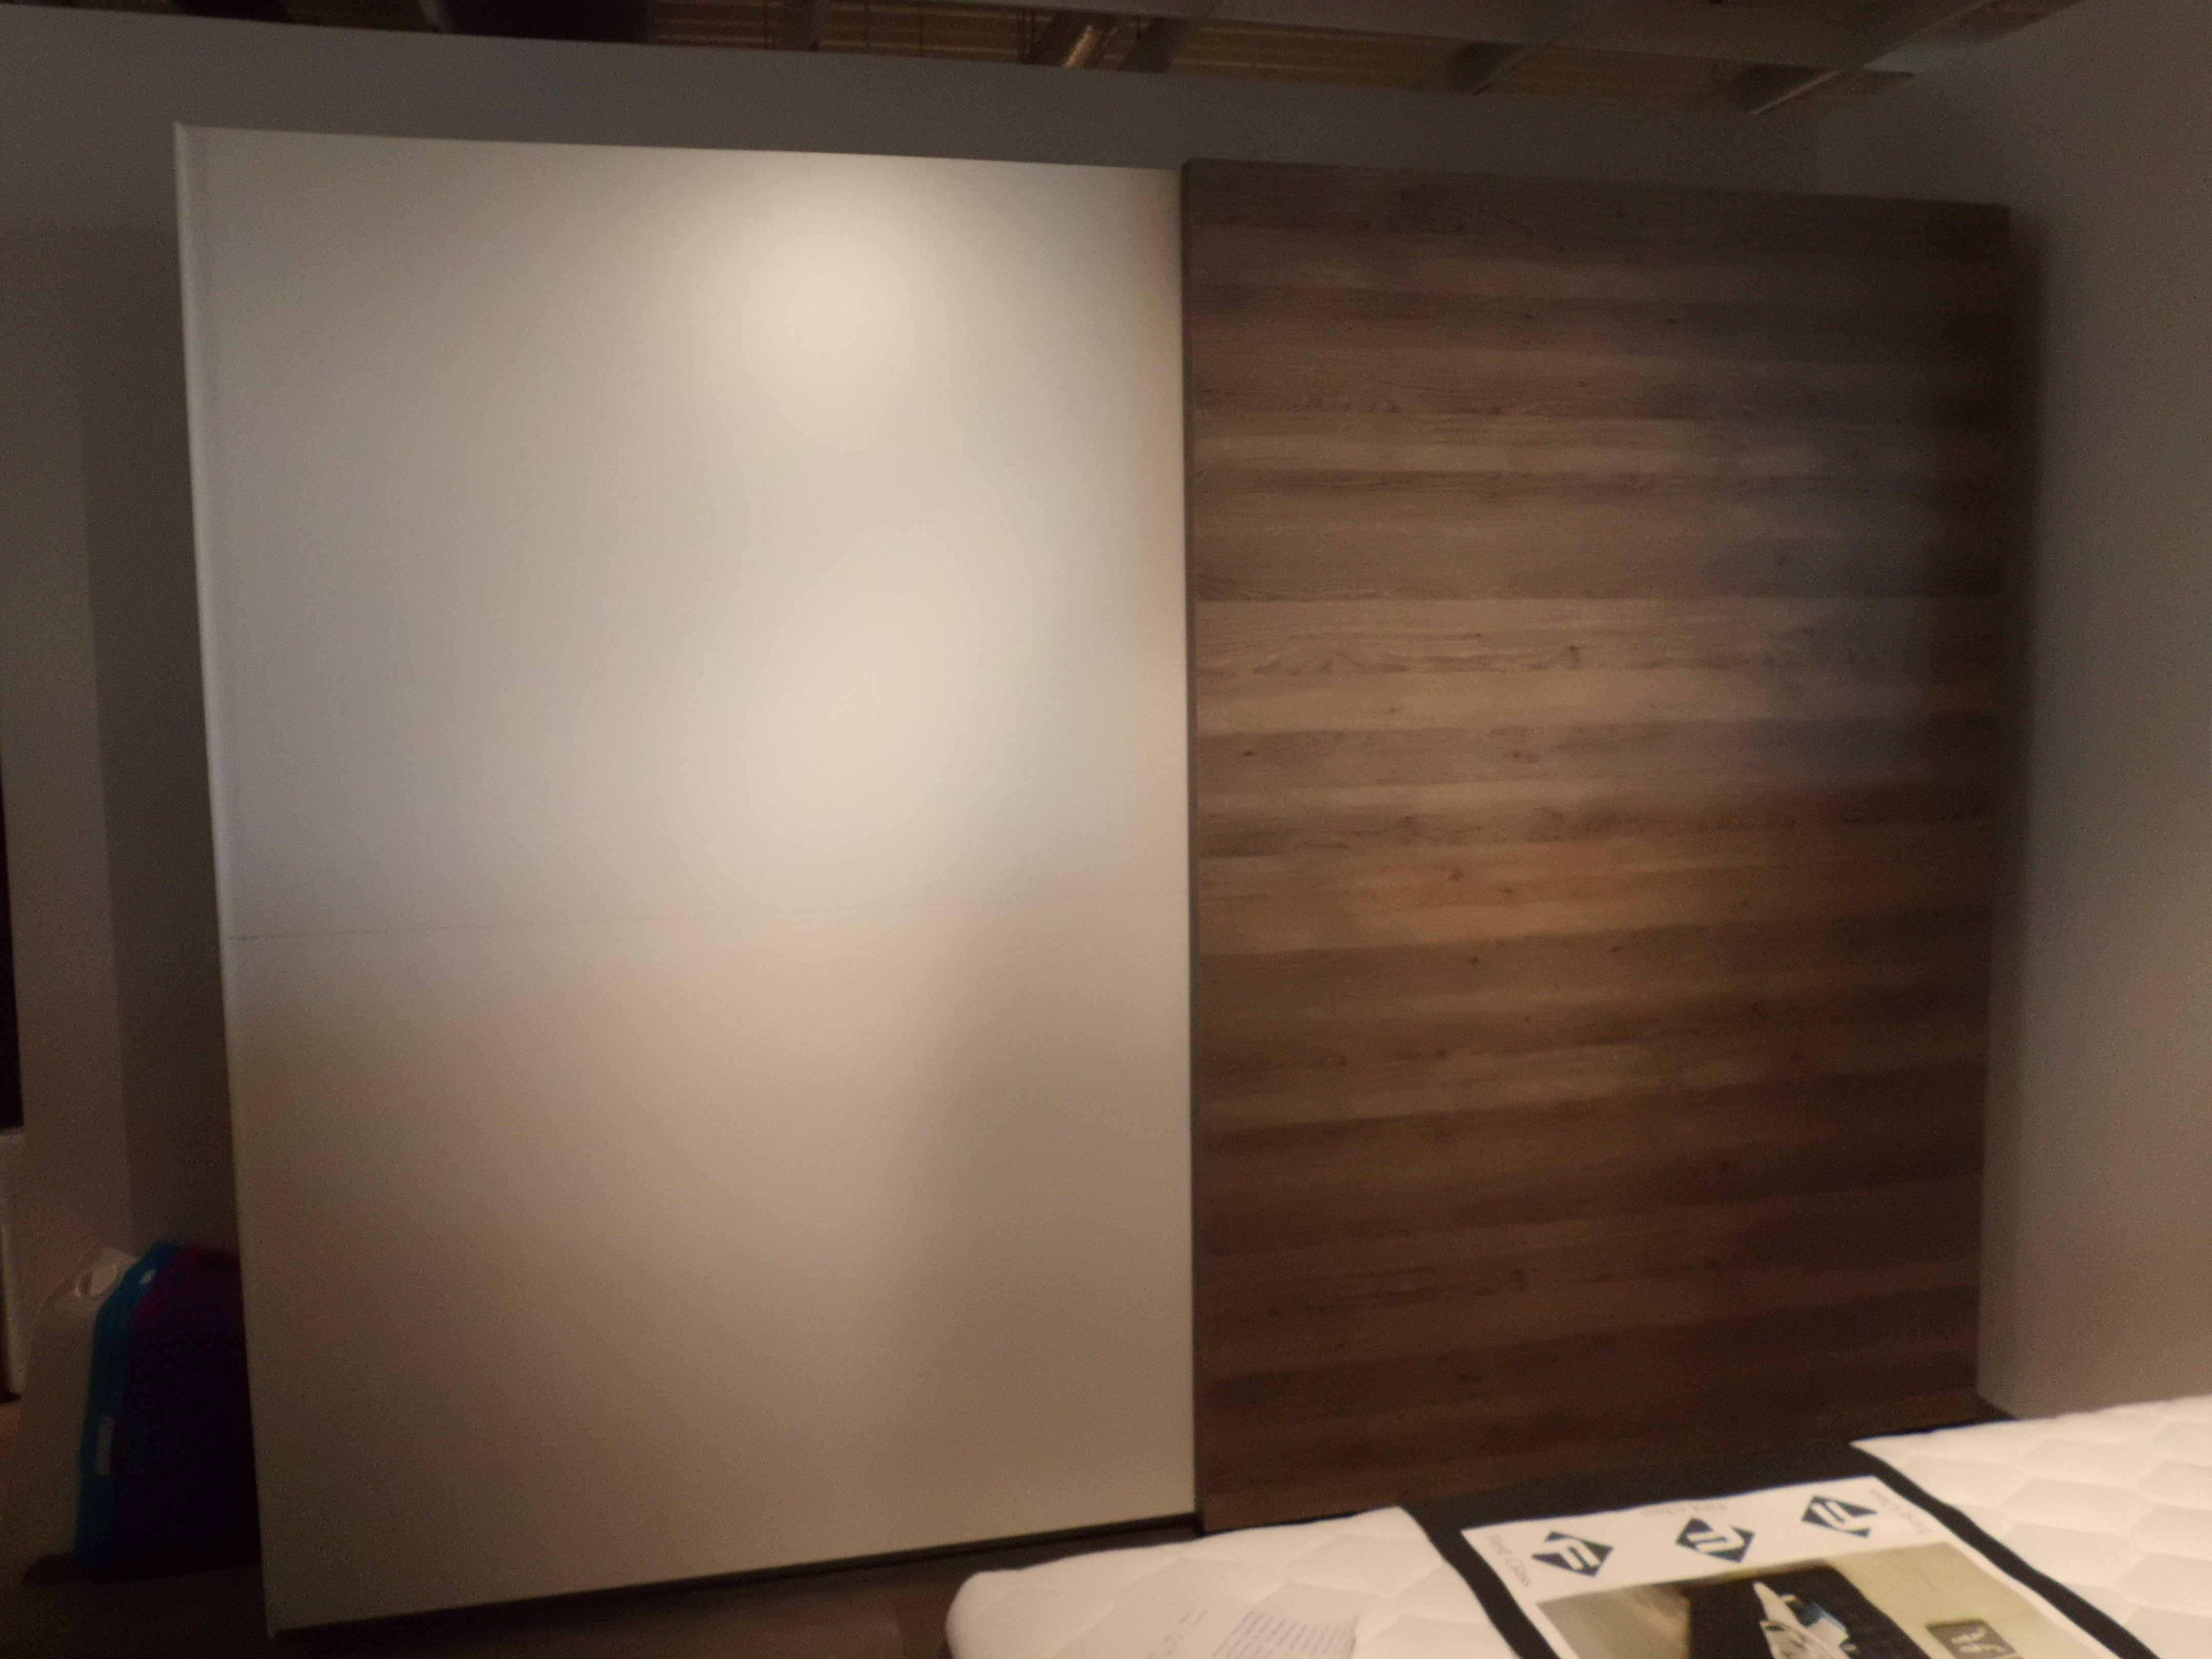 schlafzimmer reduziert im abverkauf bei mobel frauendorfer